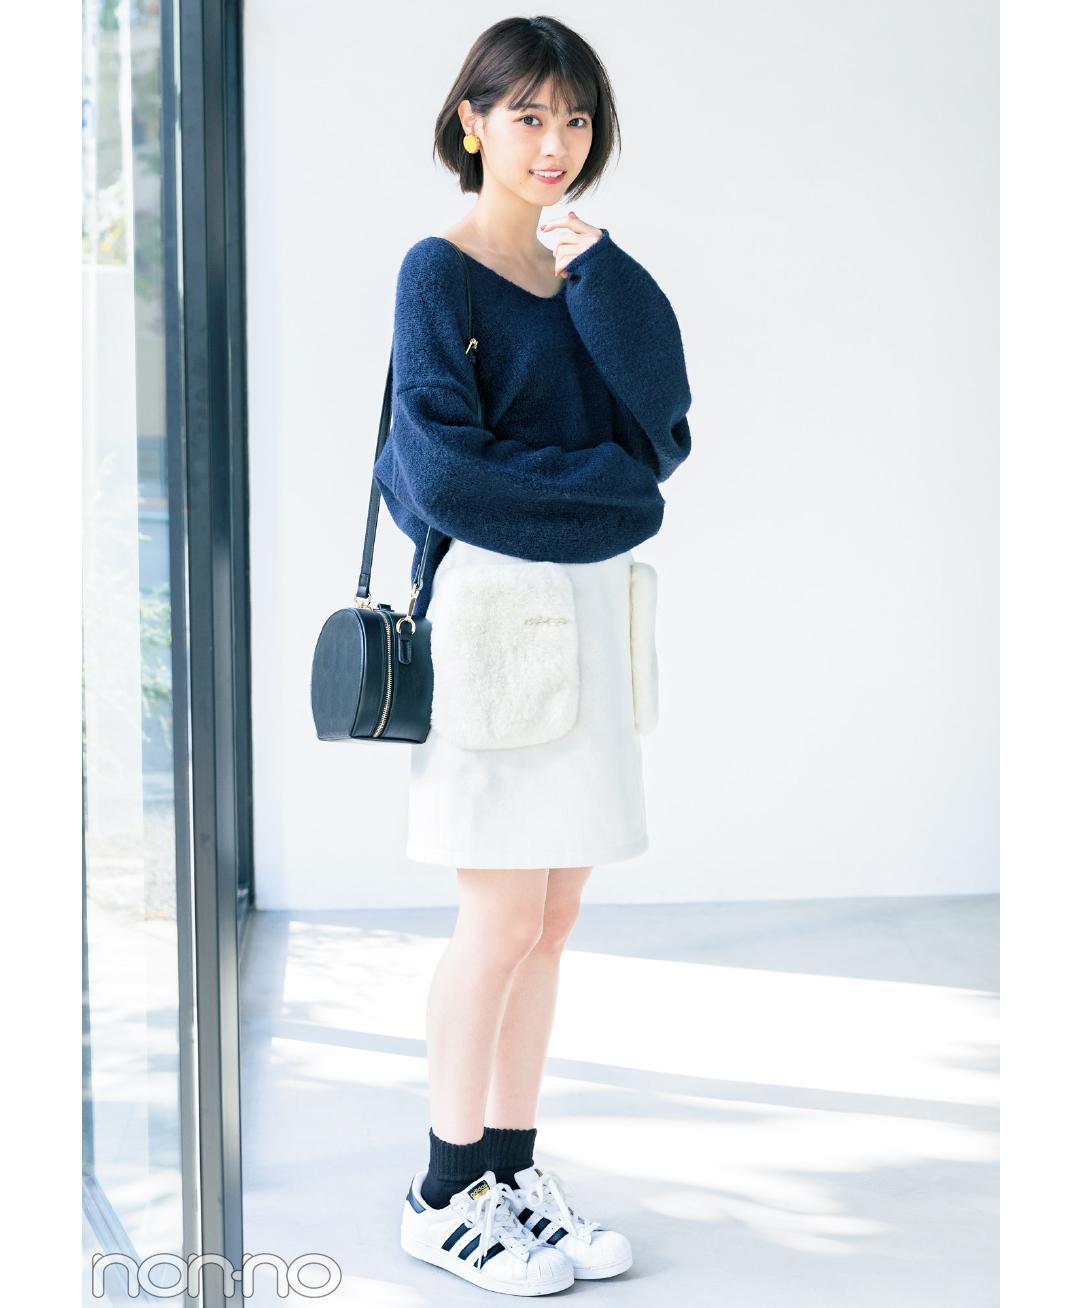 ヘルシーなのにドキッ♡ 西野七瀬のミニスカート×スニーカーコーデ5選_1_1-3